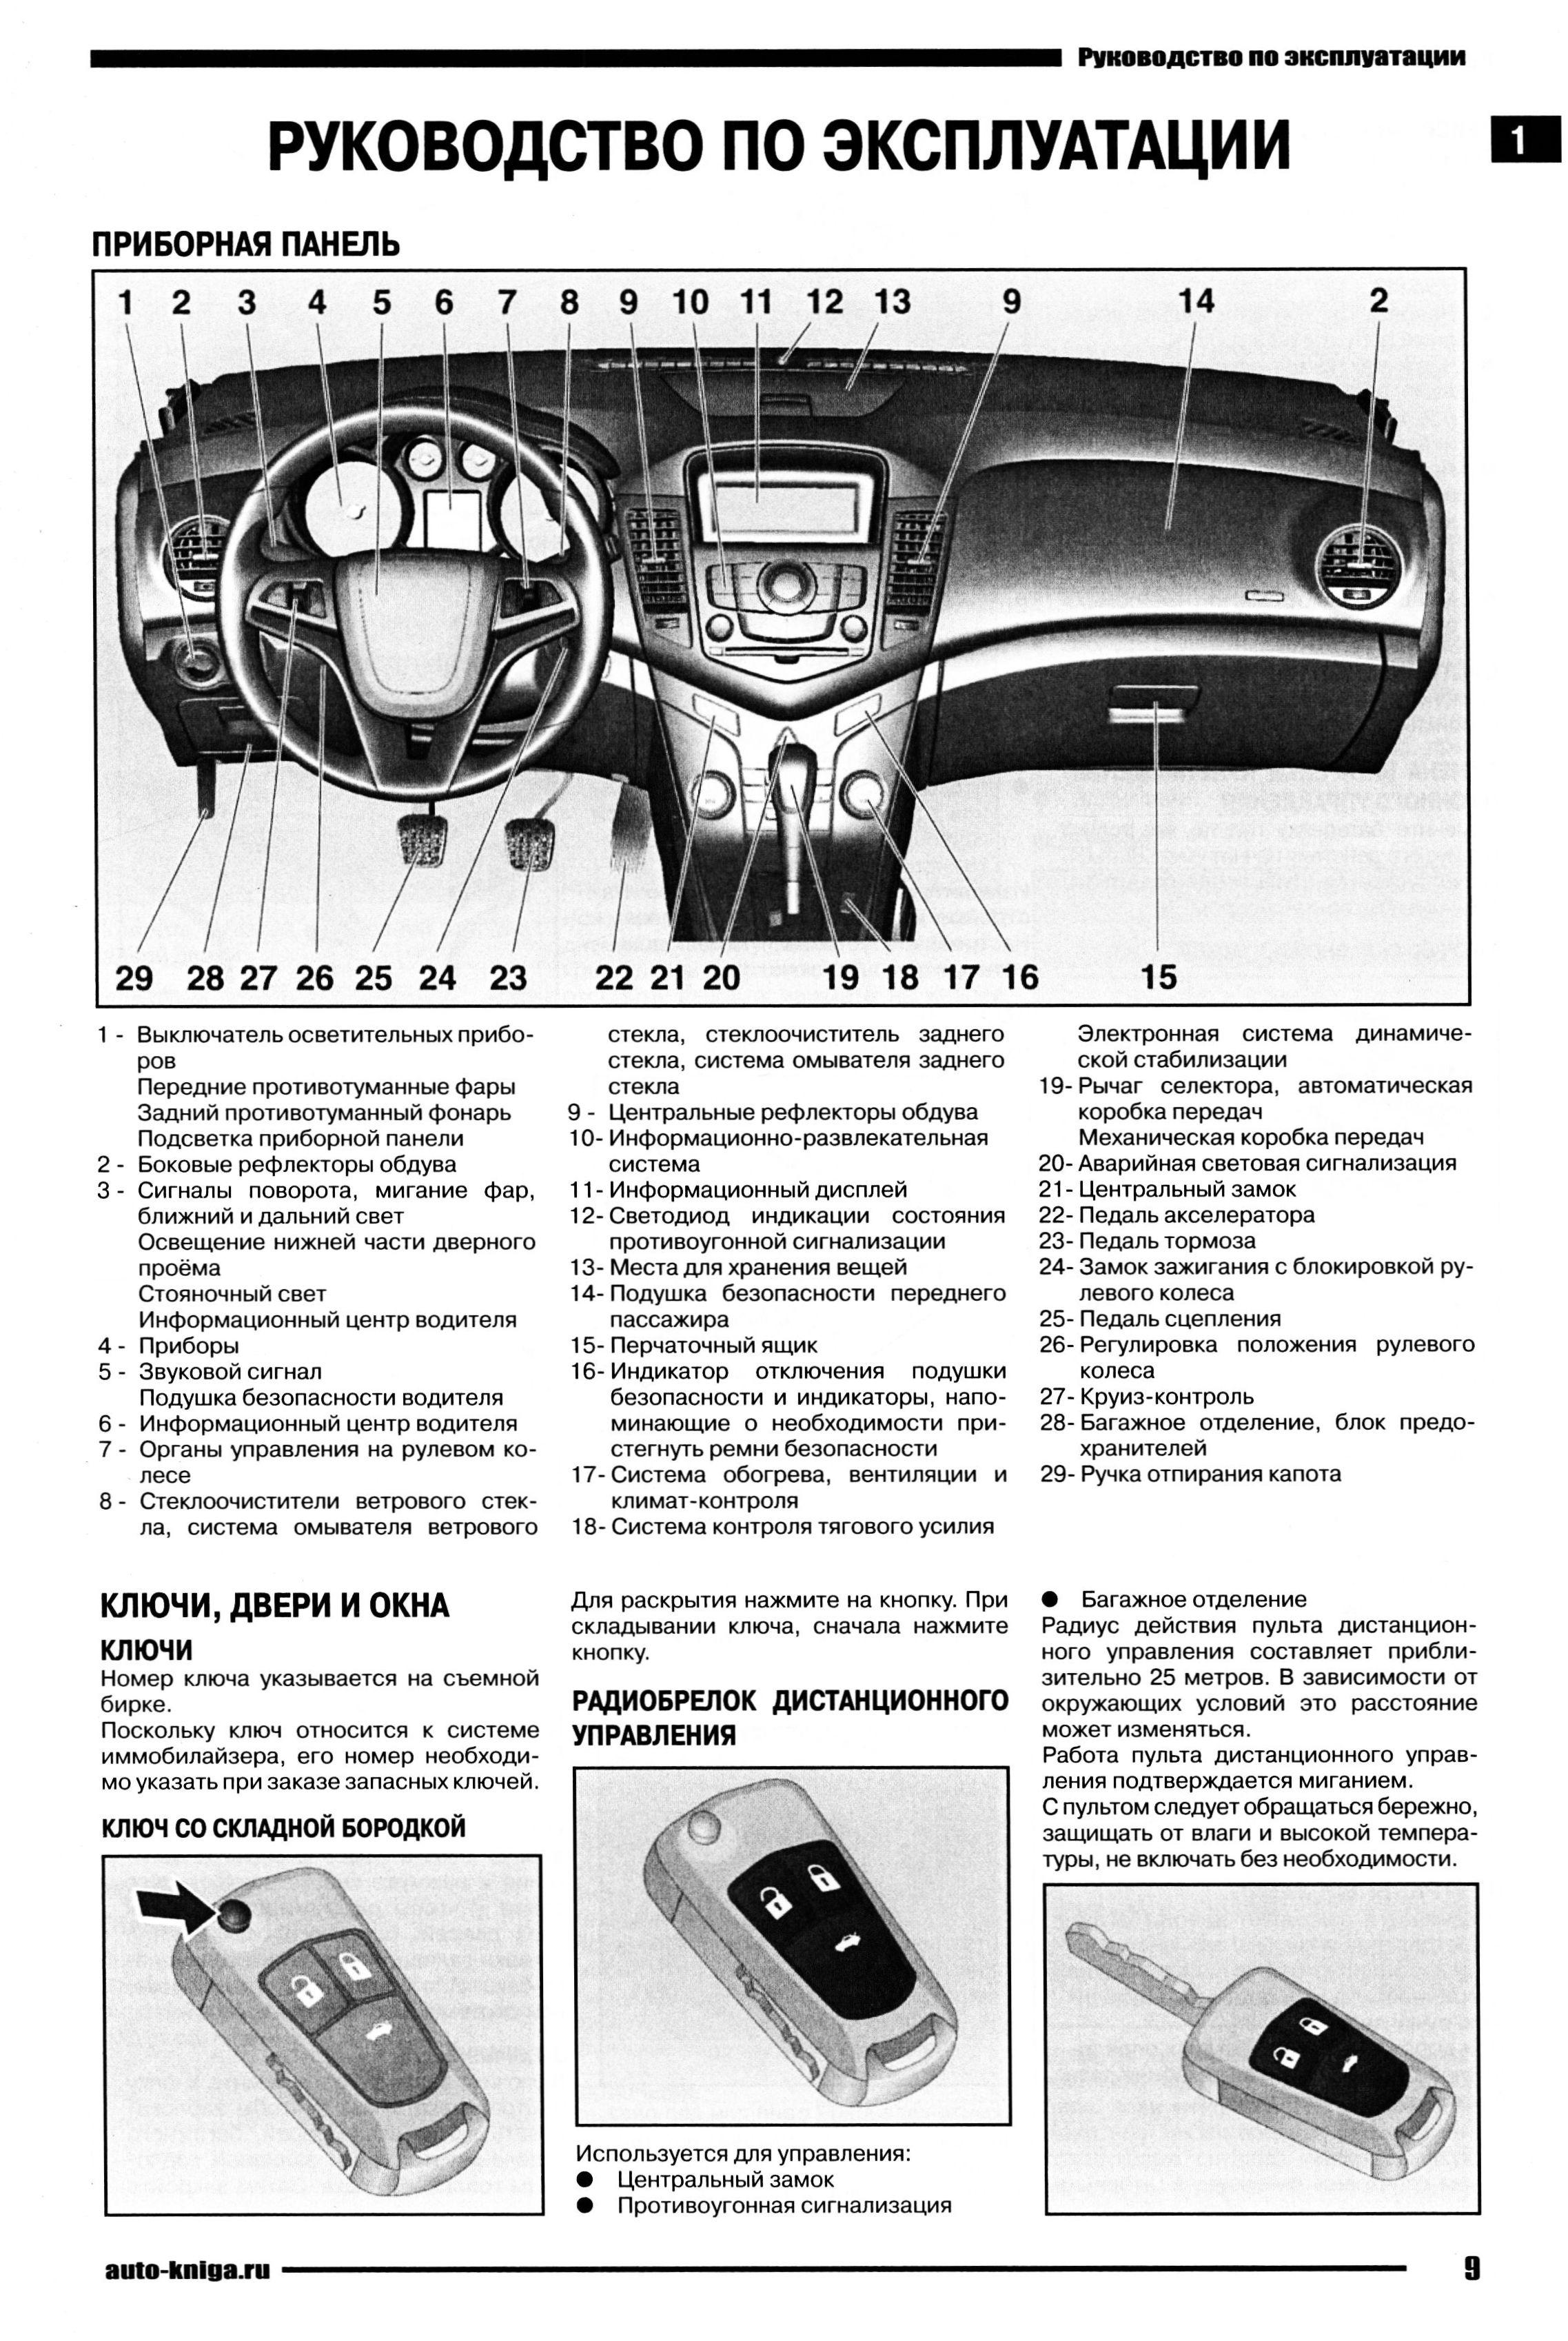 круз шевроле руководство по эксплуатации и ремонту